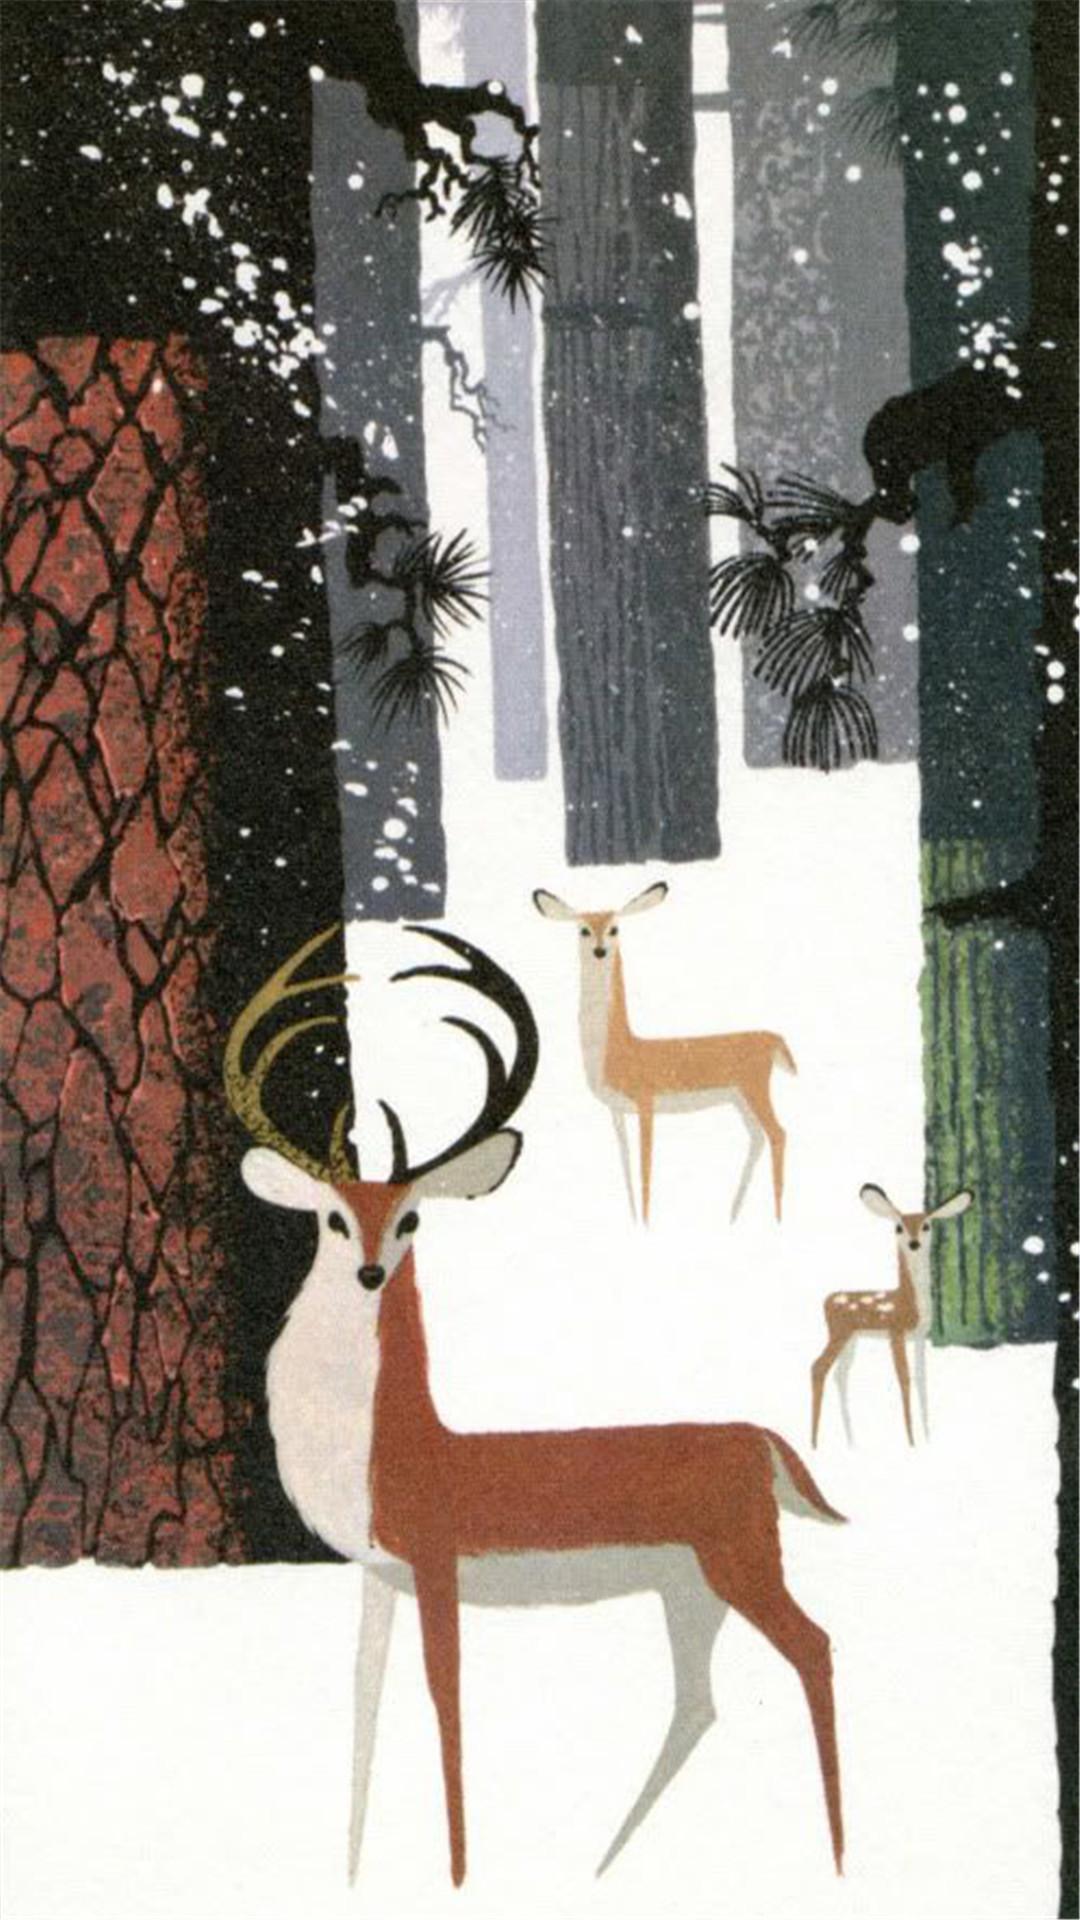 【v粉壁纸】森林麋鹿童话插画高清手机壁纸